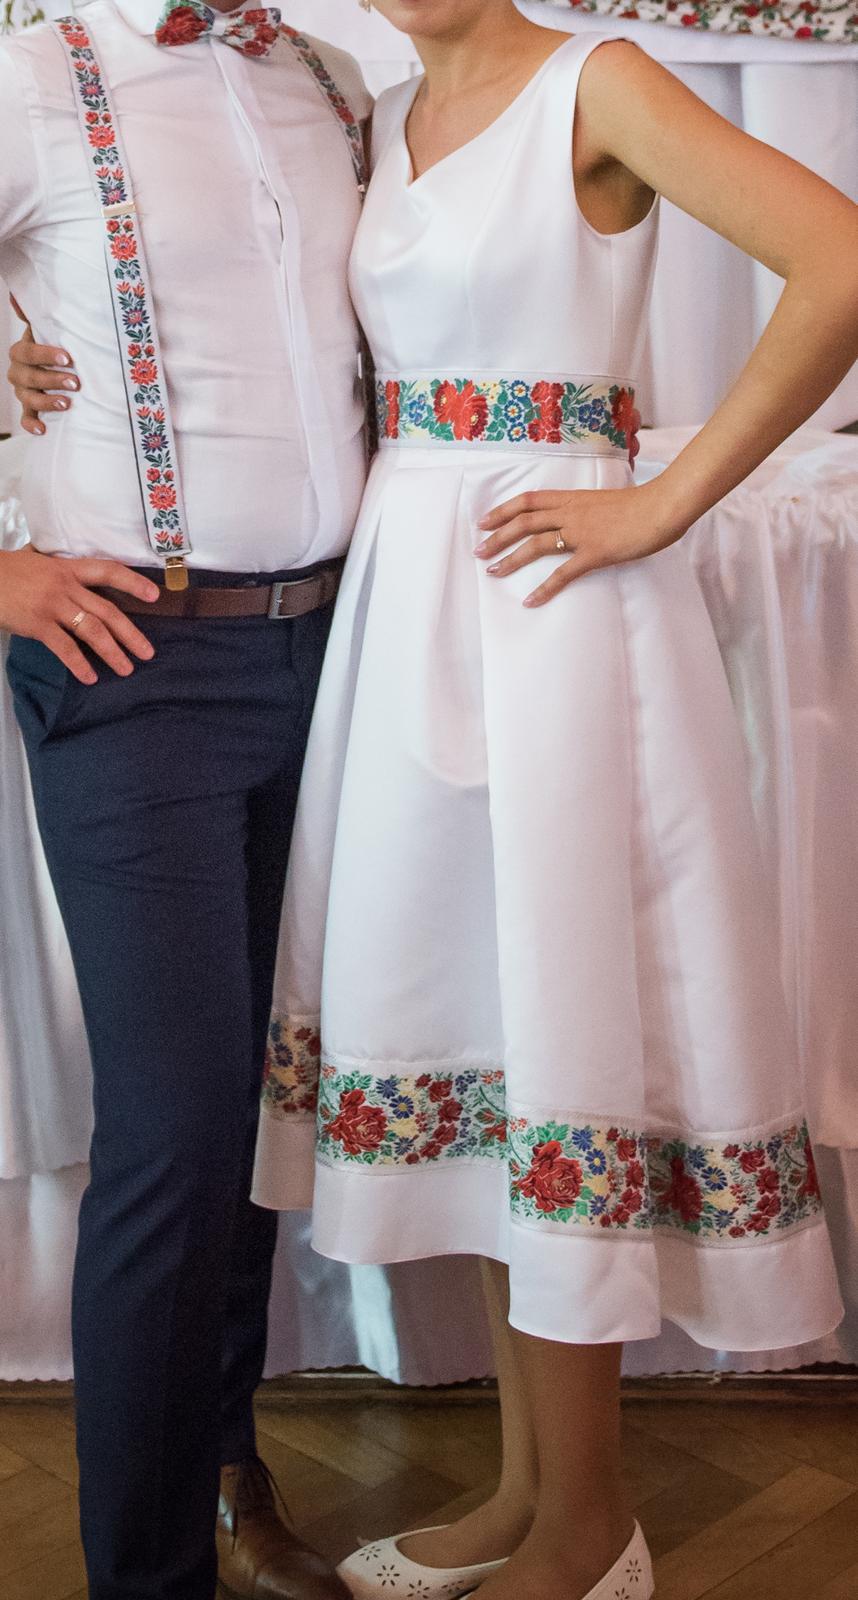 Svadobné alebo popolnočné jedinečné folklór šaty  - Obrázok č. 2